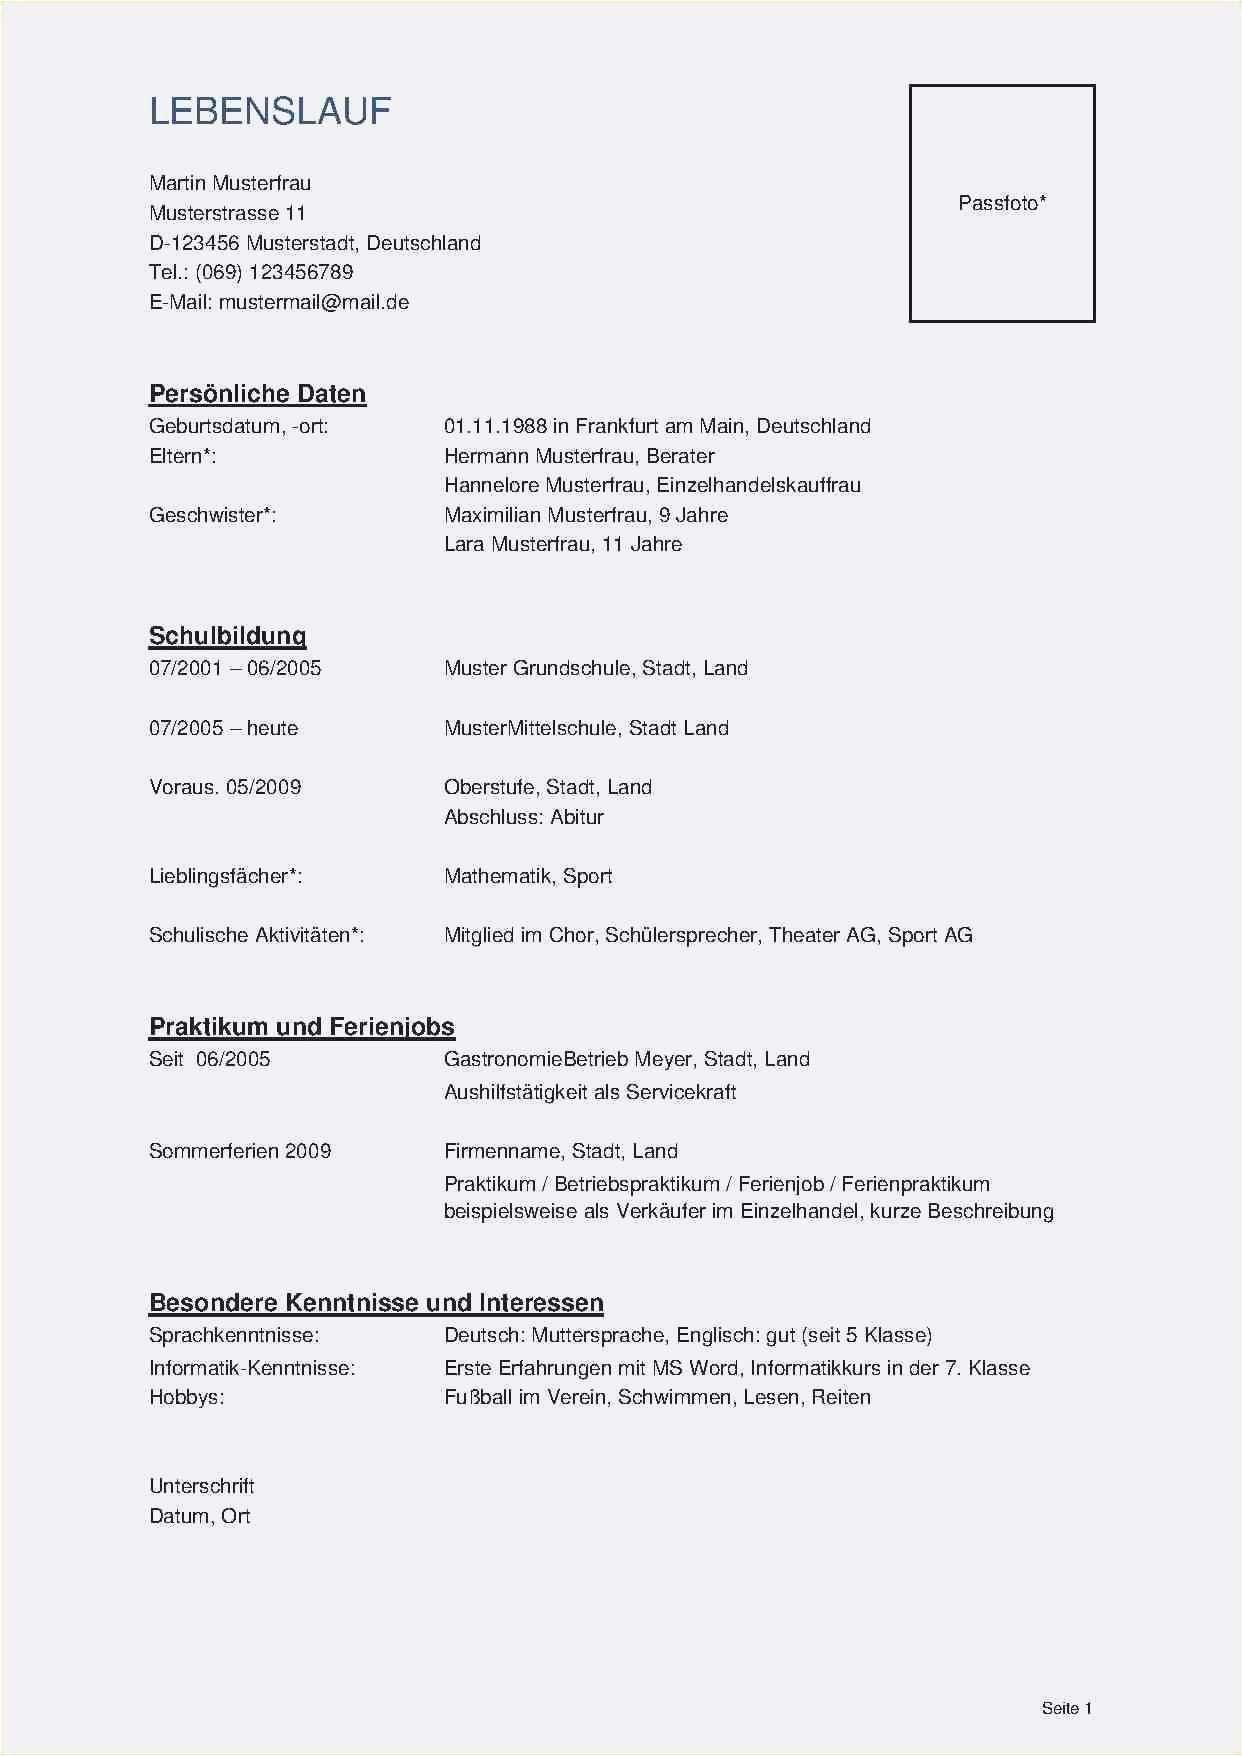 Einzigartig Lebenslauf Ohne Bild Briefprobe Briefformat Briefvorlage Lebenslauf Vorlagen Lebenslauf Lebenslauf Muster